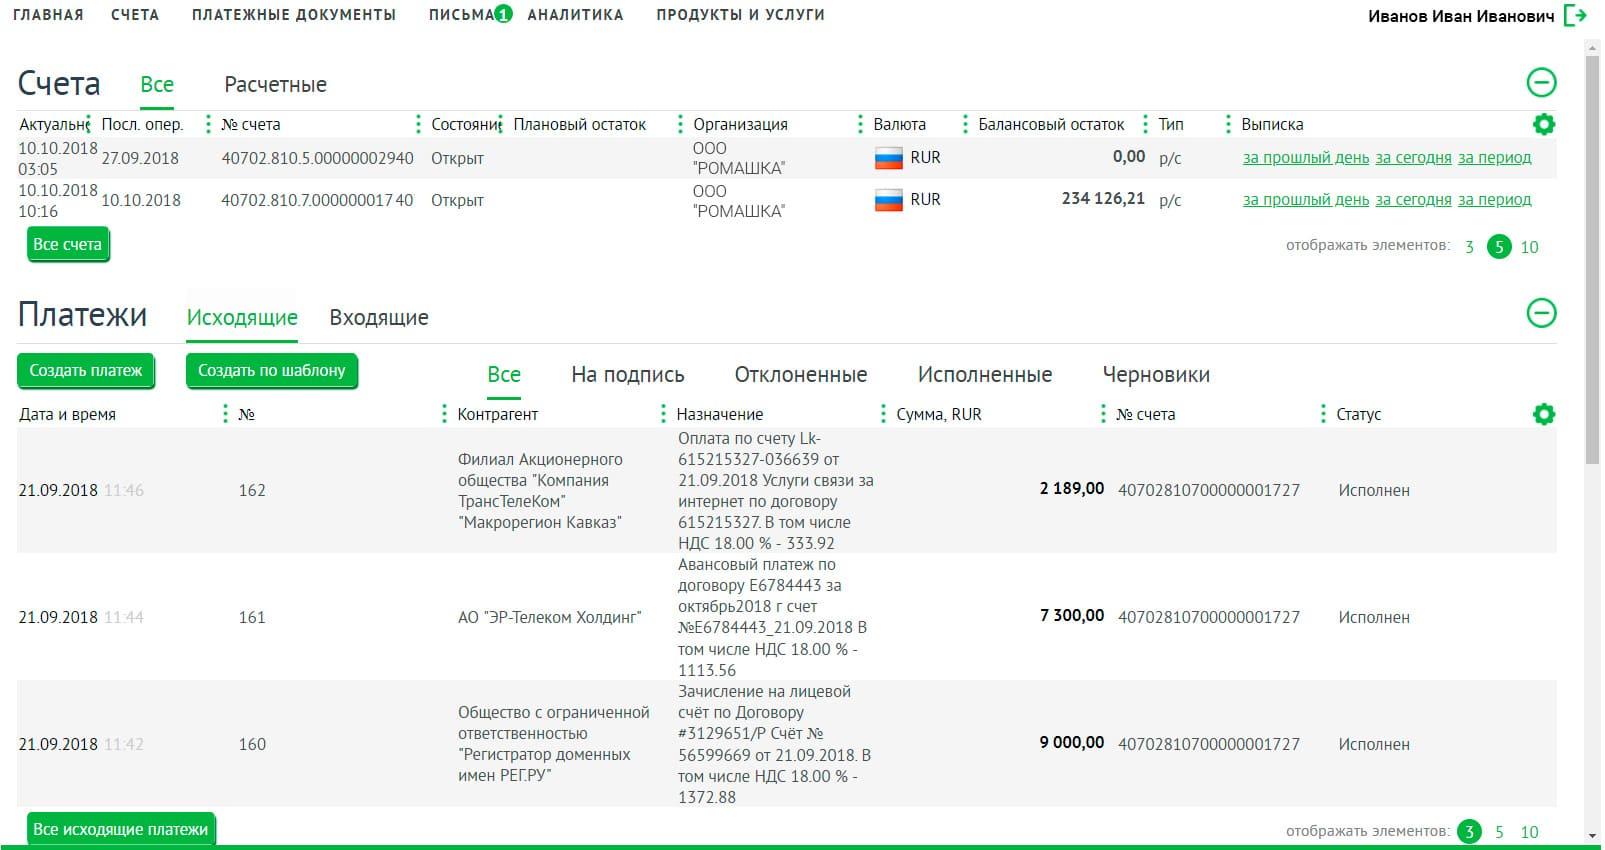 помощь кредит ростовская область взять срочный кредит на карту с плохой кредитной историей